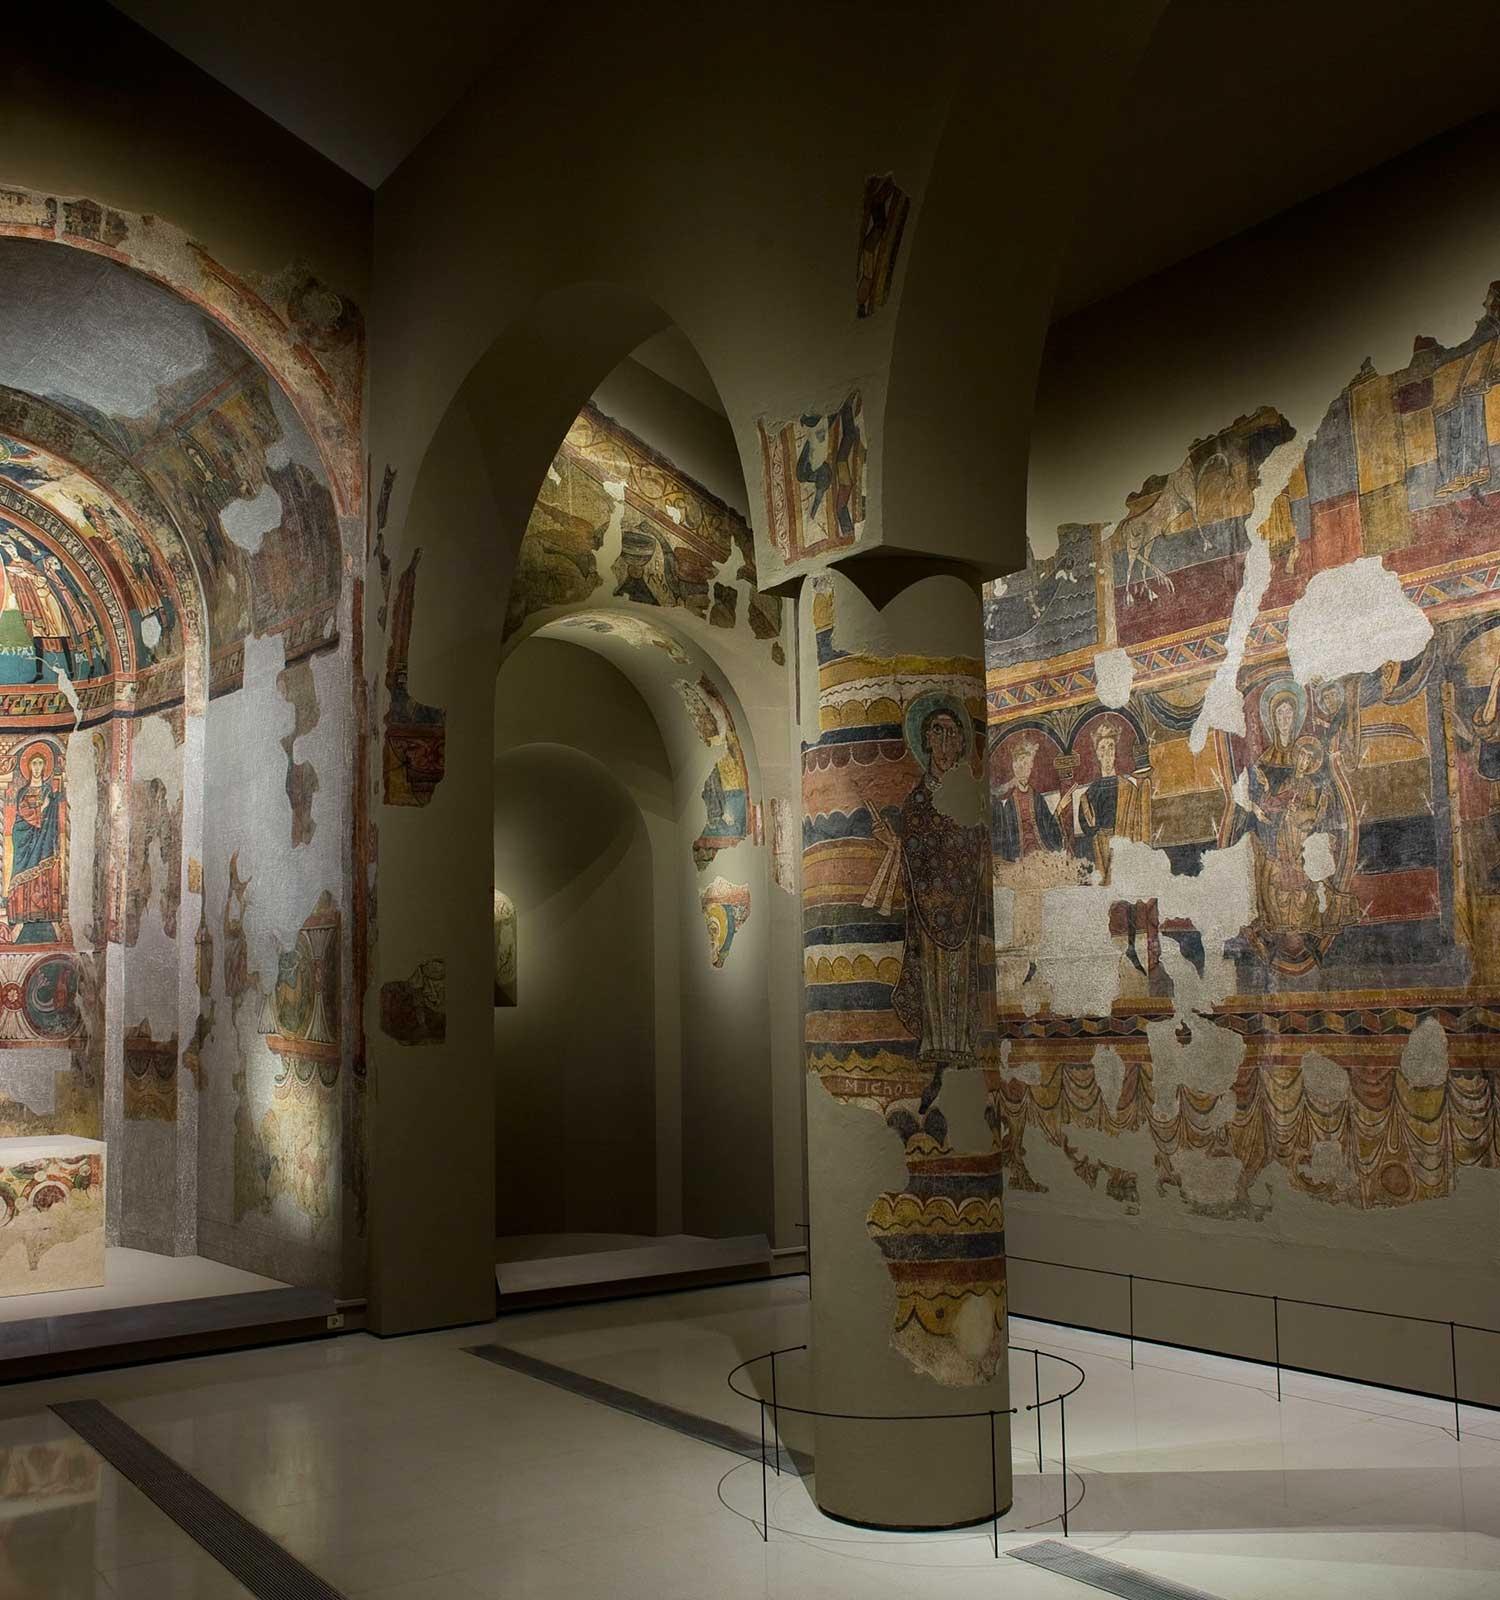 Museu Nacional - Itinerari virtual Romànic